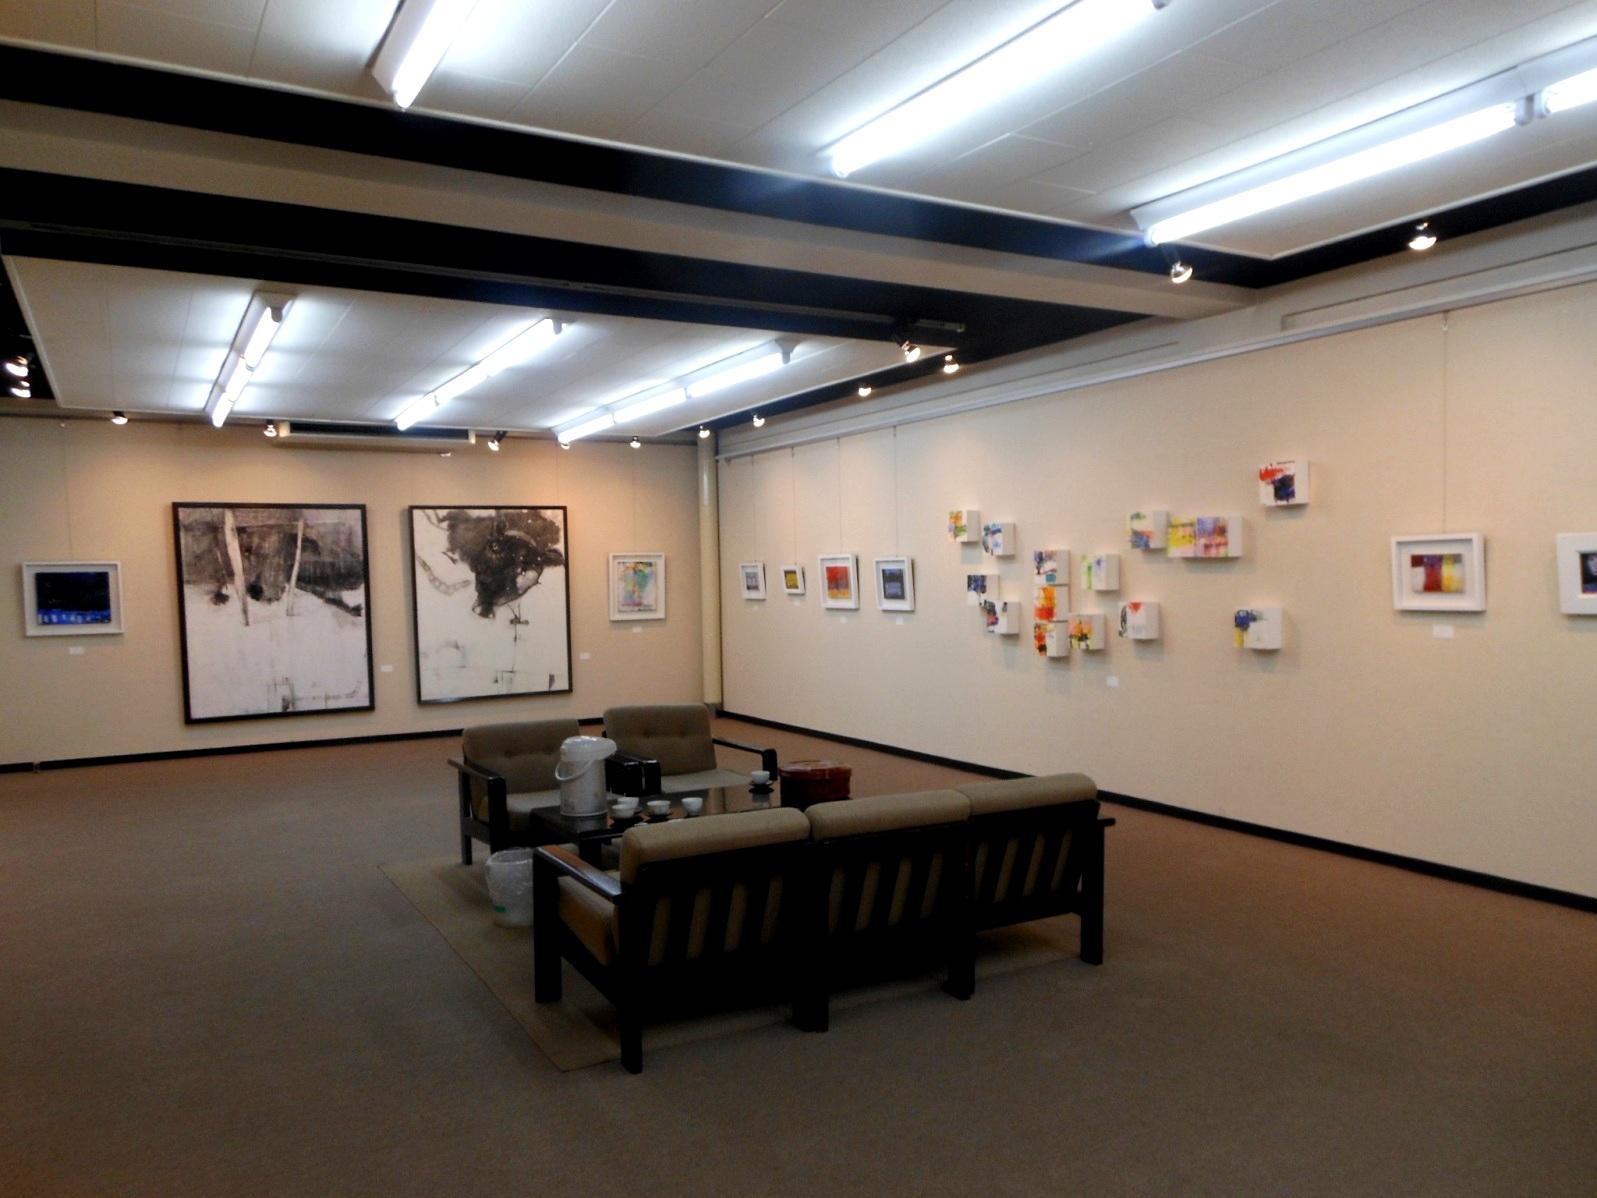 1843) 「佐藤愛子・作品展」 時計台 終了10月1日(月)~10月6日(土)  _f0126829_2030745.jpg